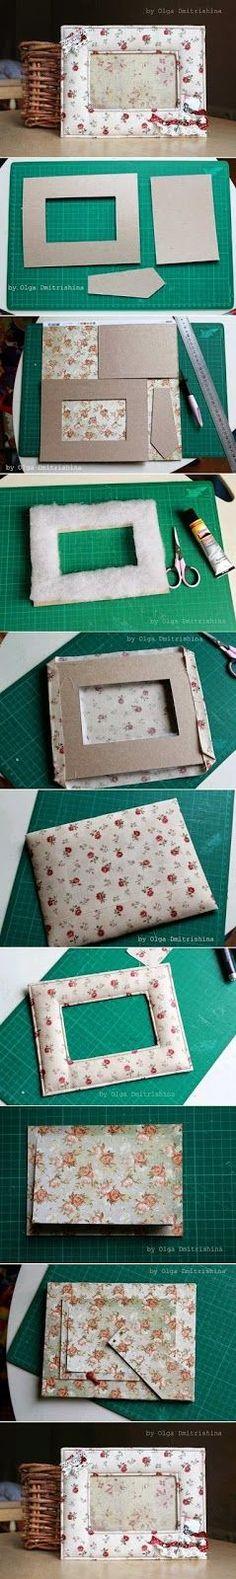 Beste DIY-Bilderrahmen und Bilderrahmen-Ideen - Nice Soft Photo Frame - How To M . Cadre Photo Diy, Diy Photo, Diy Projects To Try, Craft Projects, Creative Crafts, Diy And Crafts, Decor Crafts, Marco Diy, Fabric Crafts